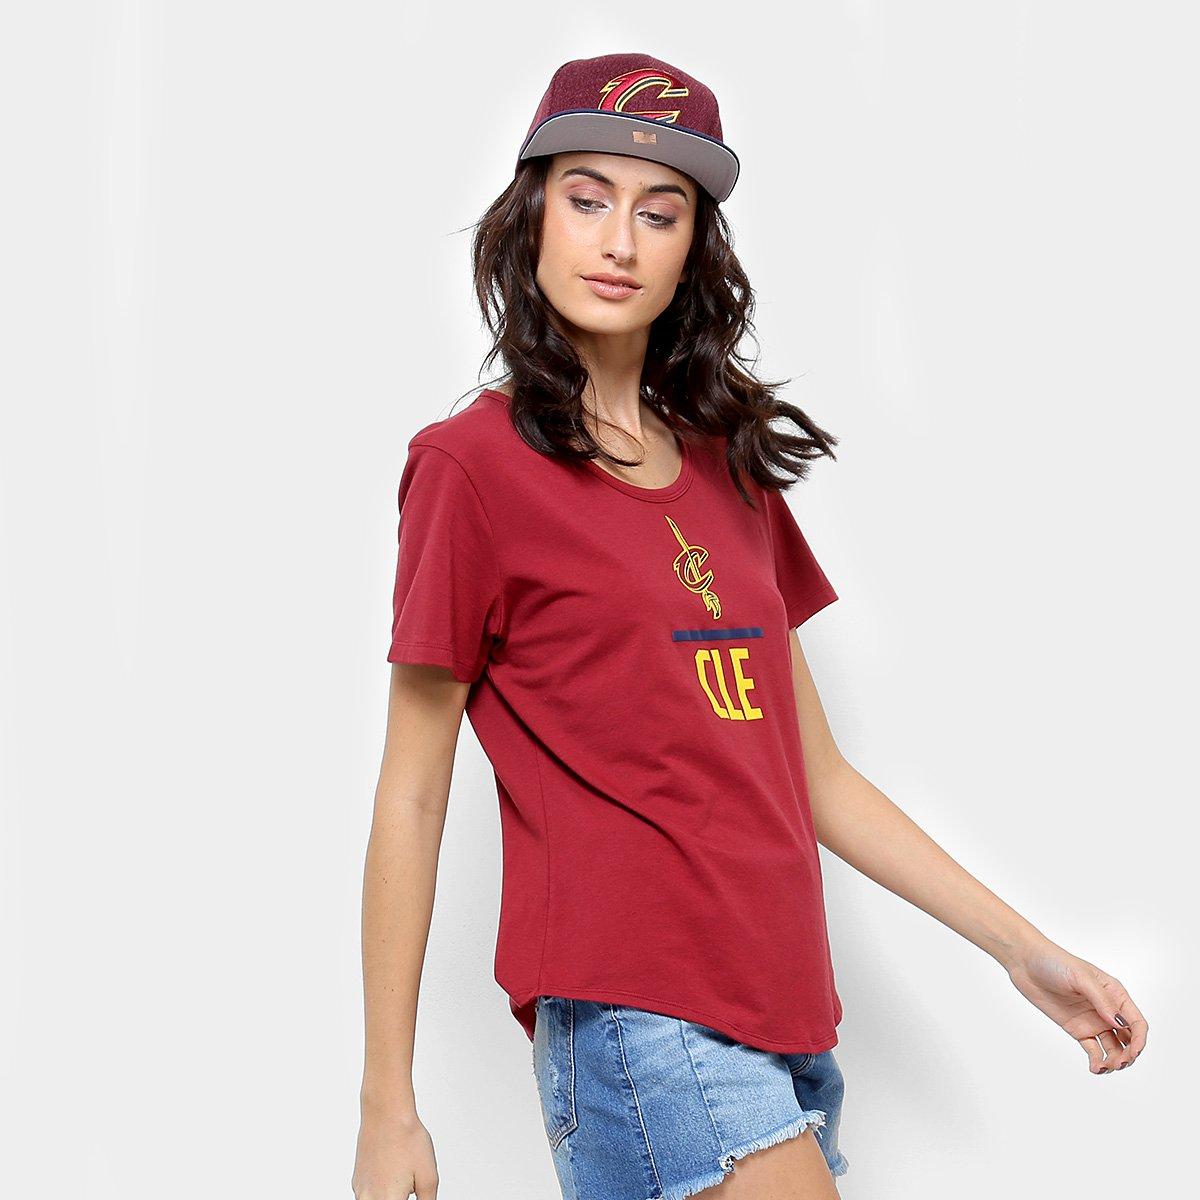 3763e925f04 Camiseta NBA Under Armour Cleveland Cavaliers Combine Feminina - Compre  Agora